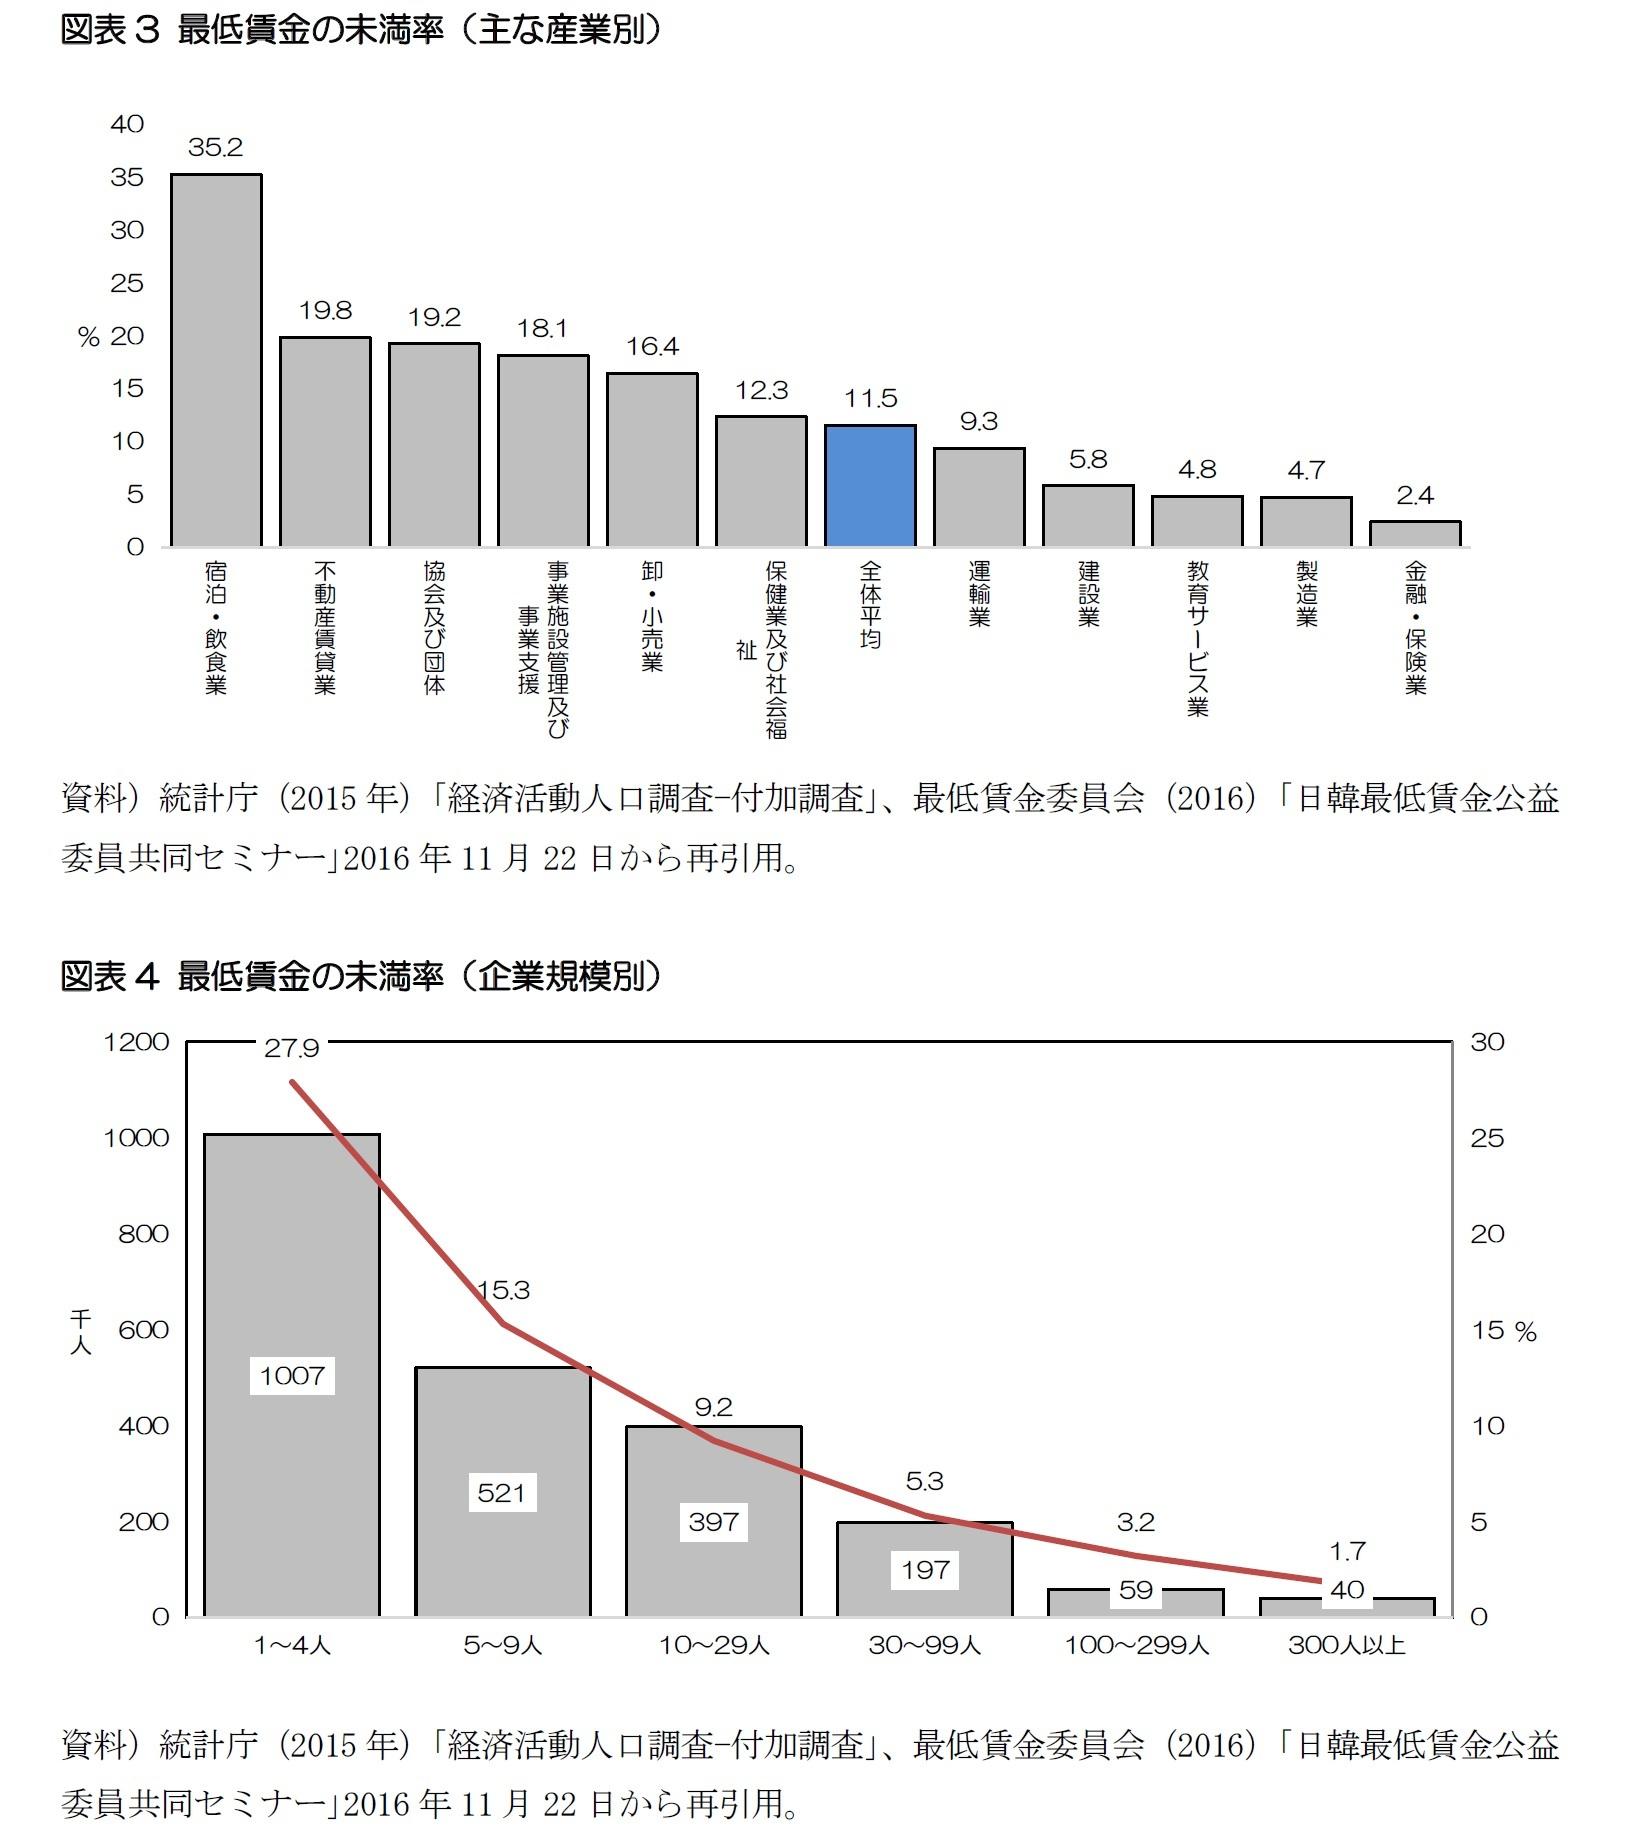 図表3 最低賃金の未満率(主な産業別)/図表4 最低賃金の未満率(企業規模別)